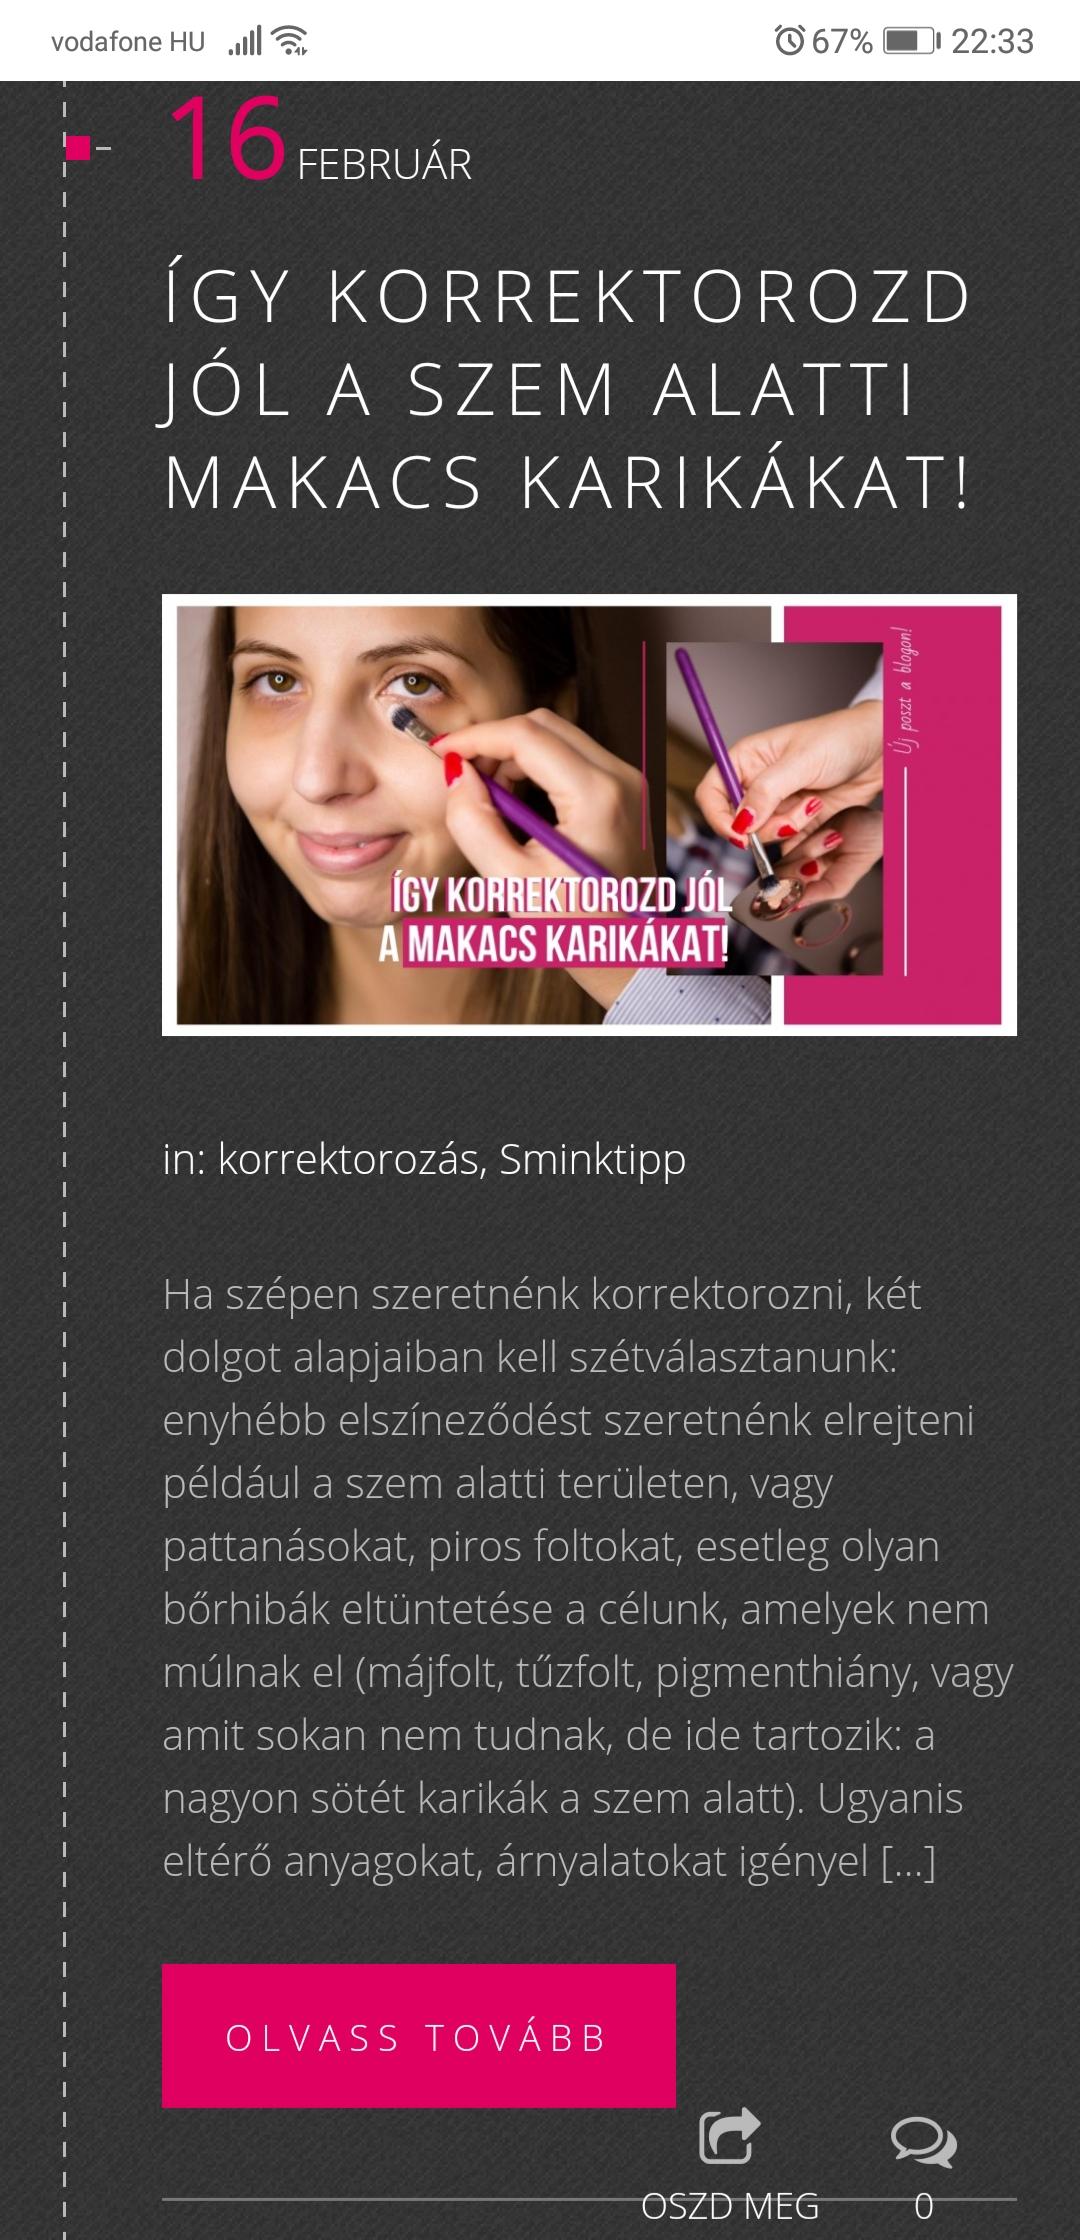 ceges blogiras (7)